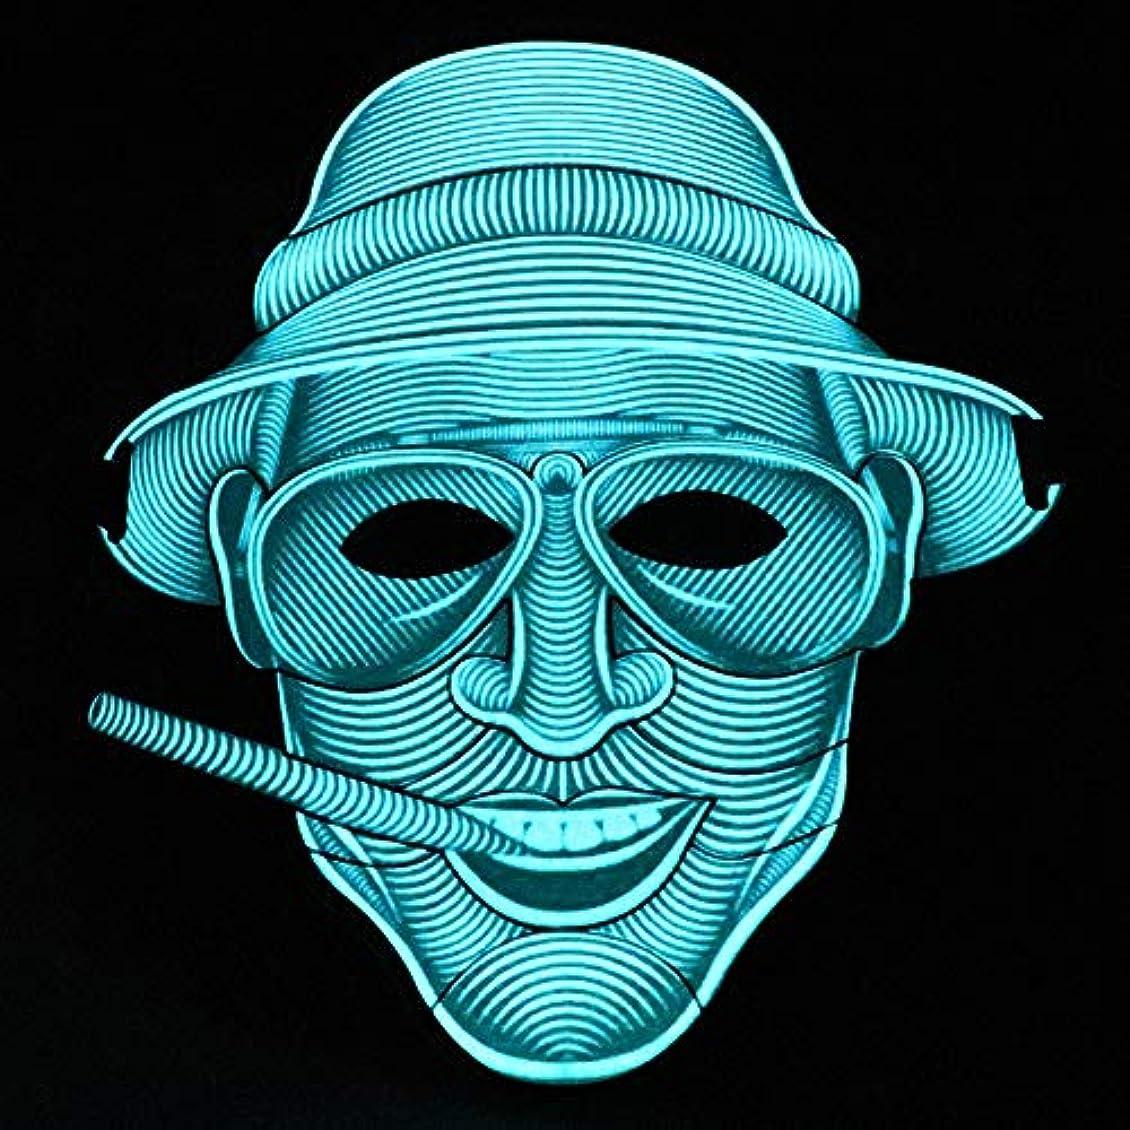 ふつう言い直す物質照らされたマスクLED創造的な冷光音響制御マスクハロウィンバーフェスティバルダンスマスク (Color : #10)